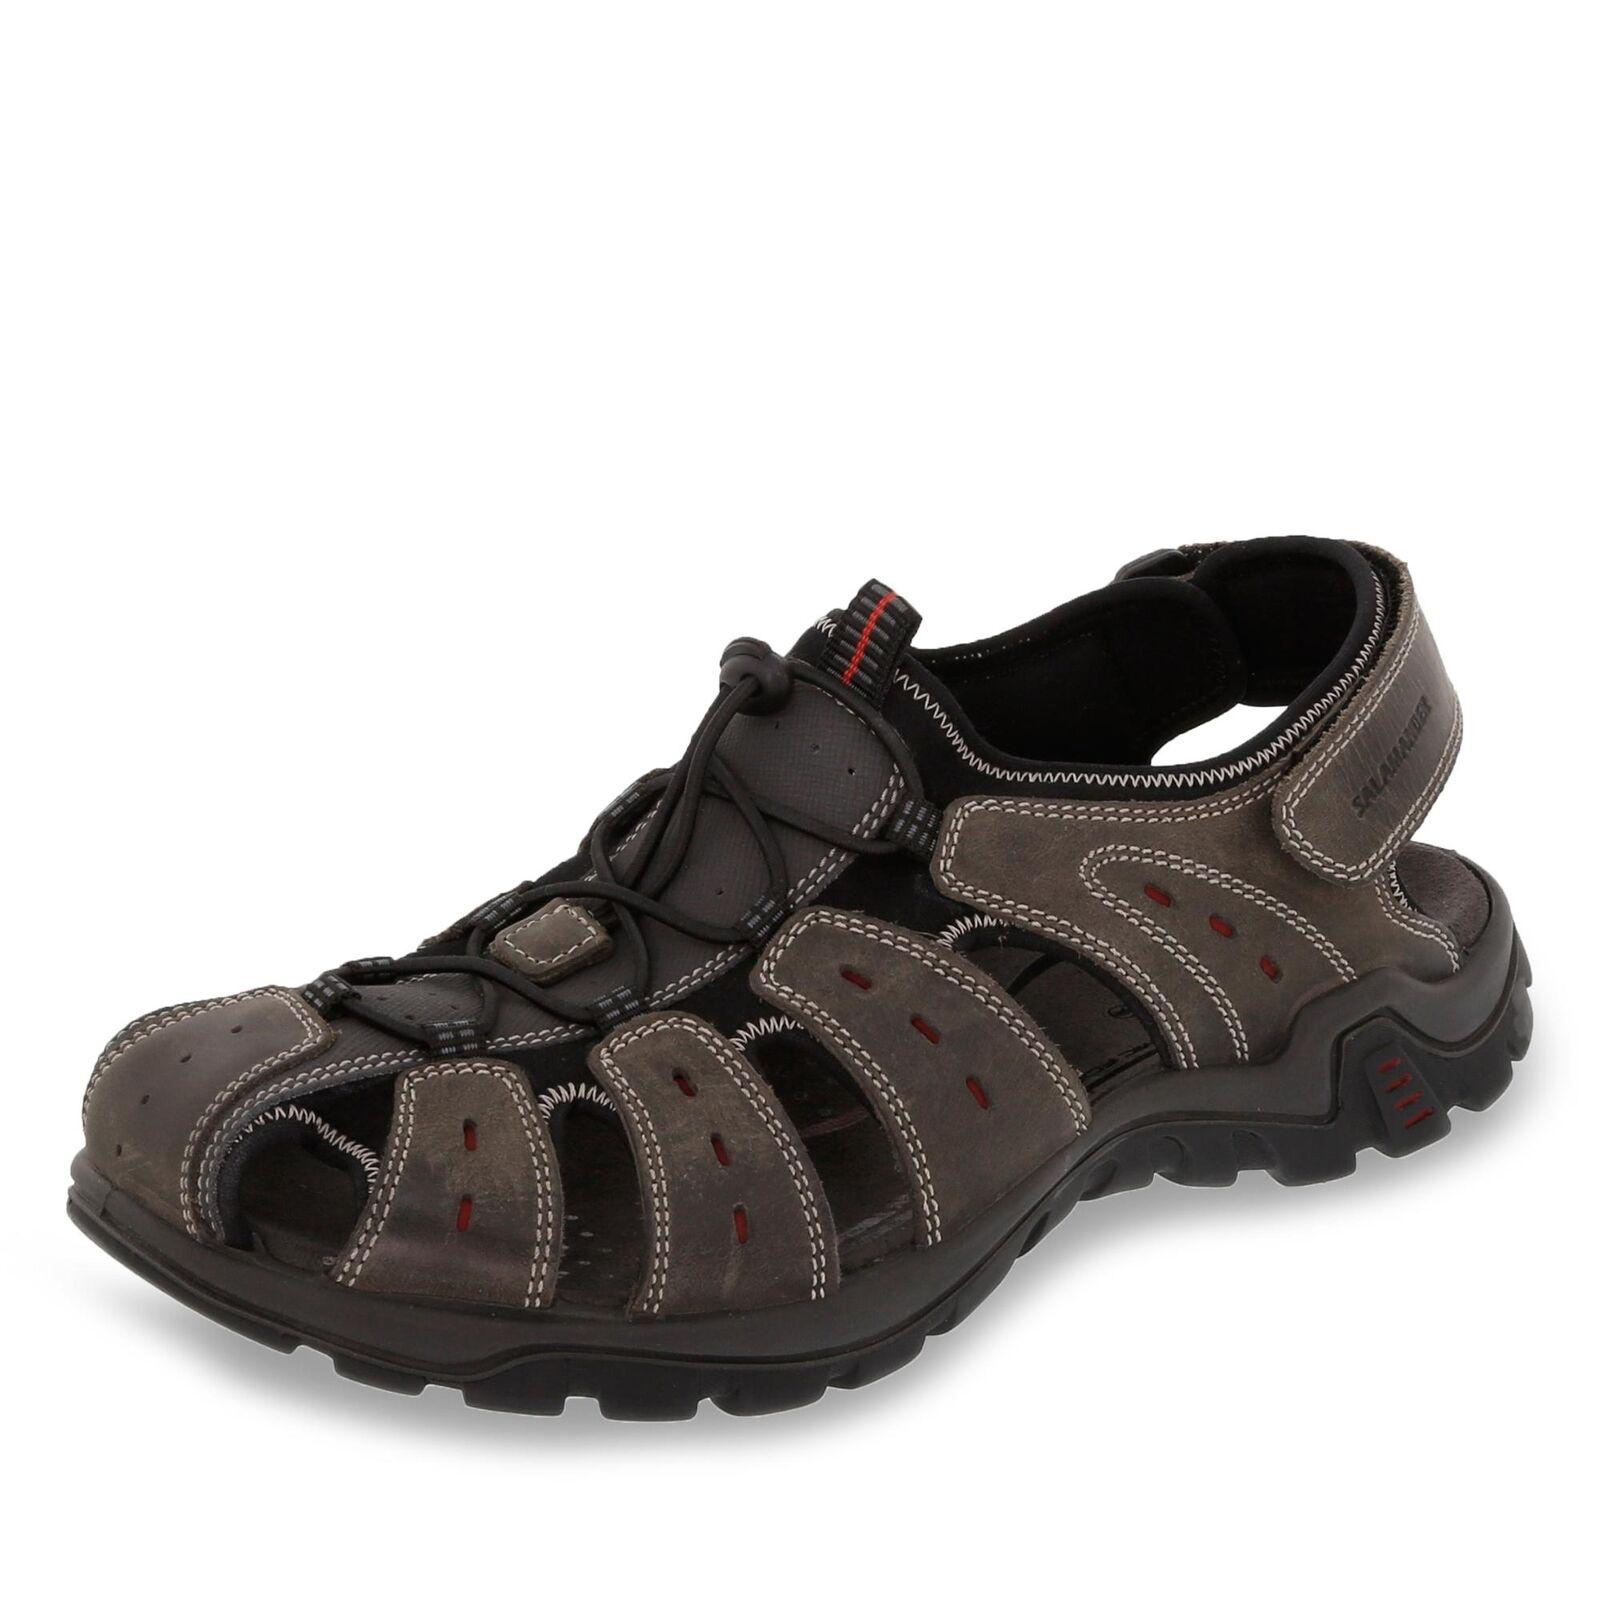 Salamander Dino Herren Sandale Trekkingsandalen Wanderschuhe Schuhe Leder grau